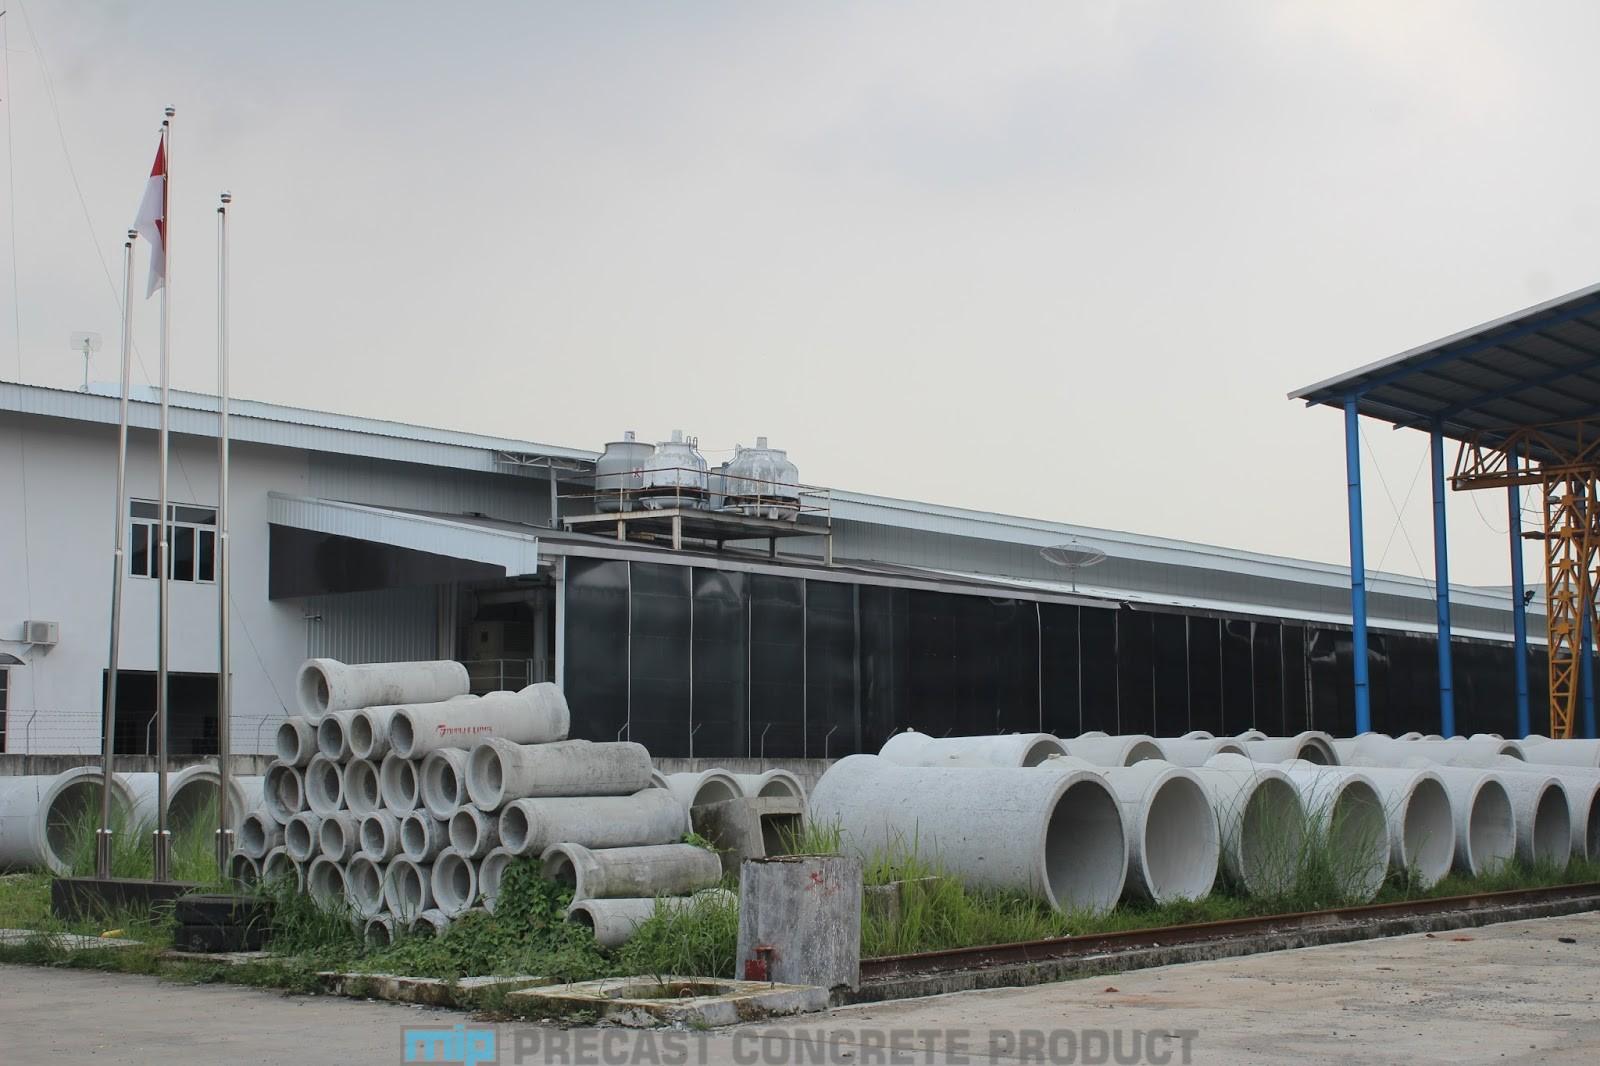 harga buis beton megacon Grobogan Grobogan